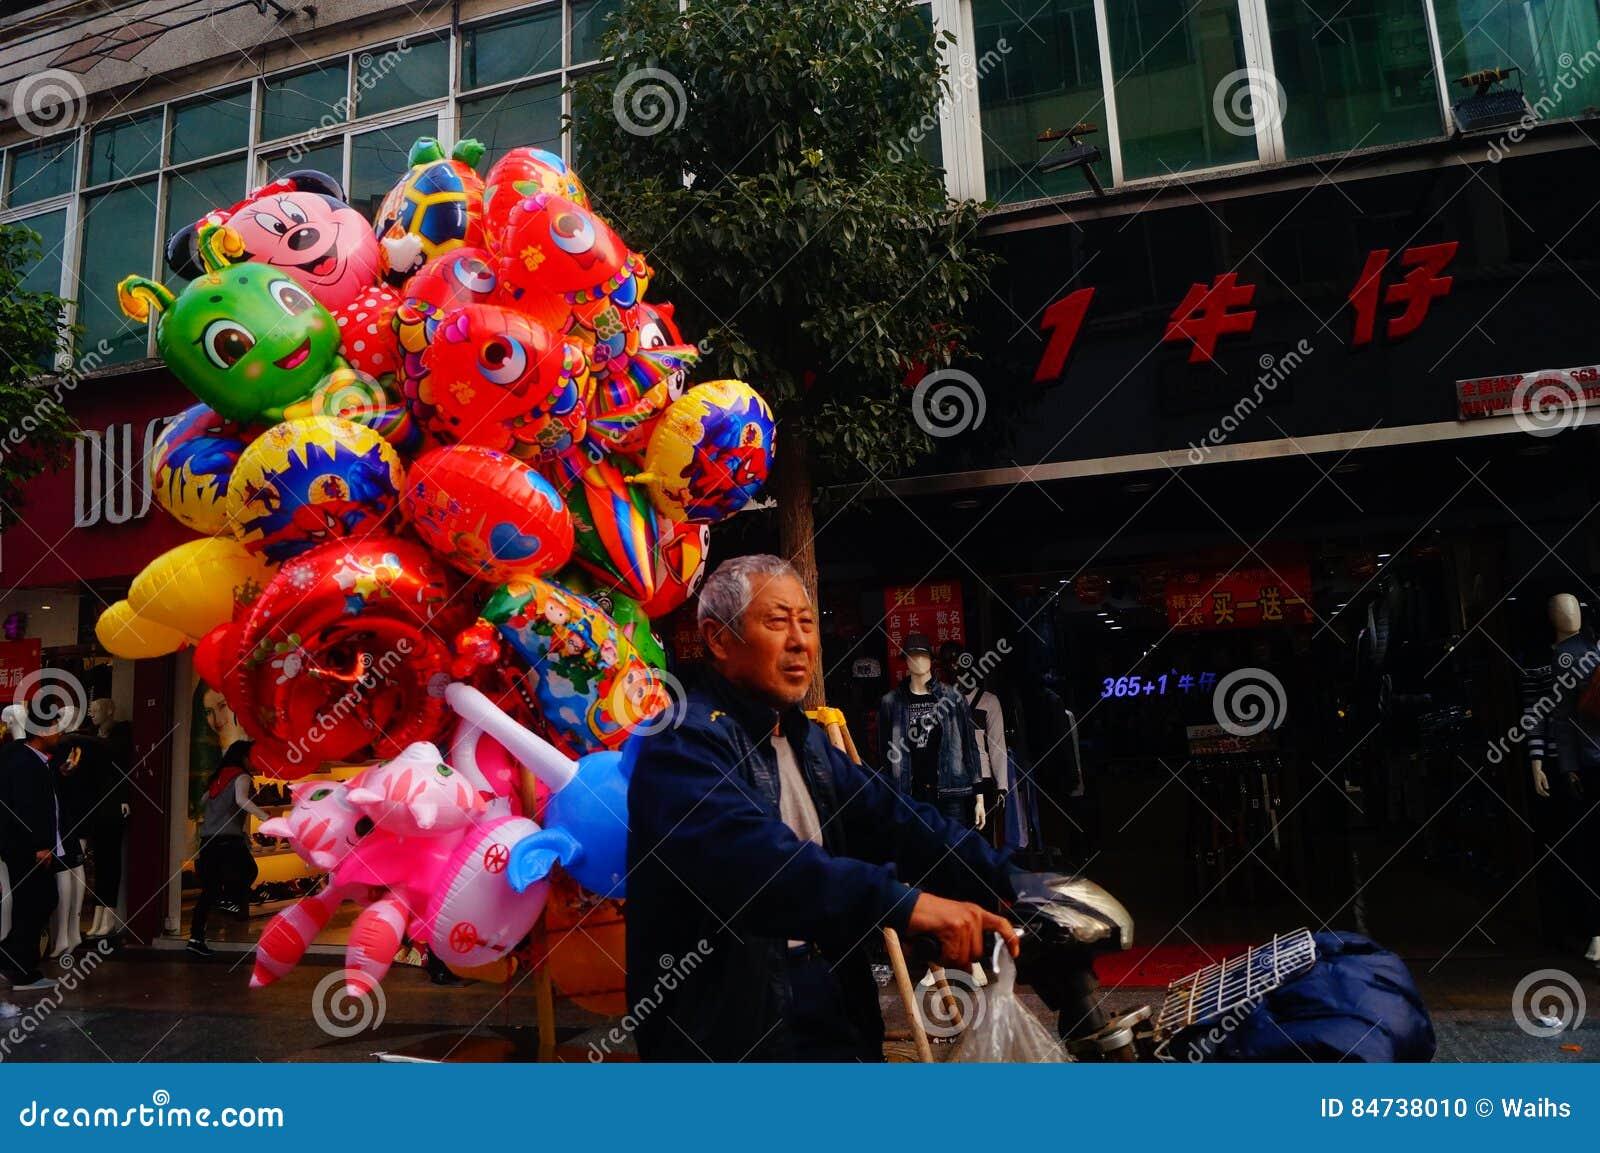 Shenzhen Kina: stalls på den fot- gatan, försäljning av hemslöjder och andra artiklar